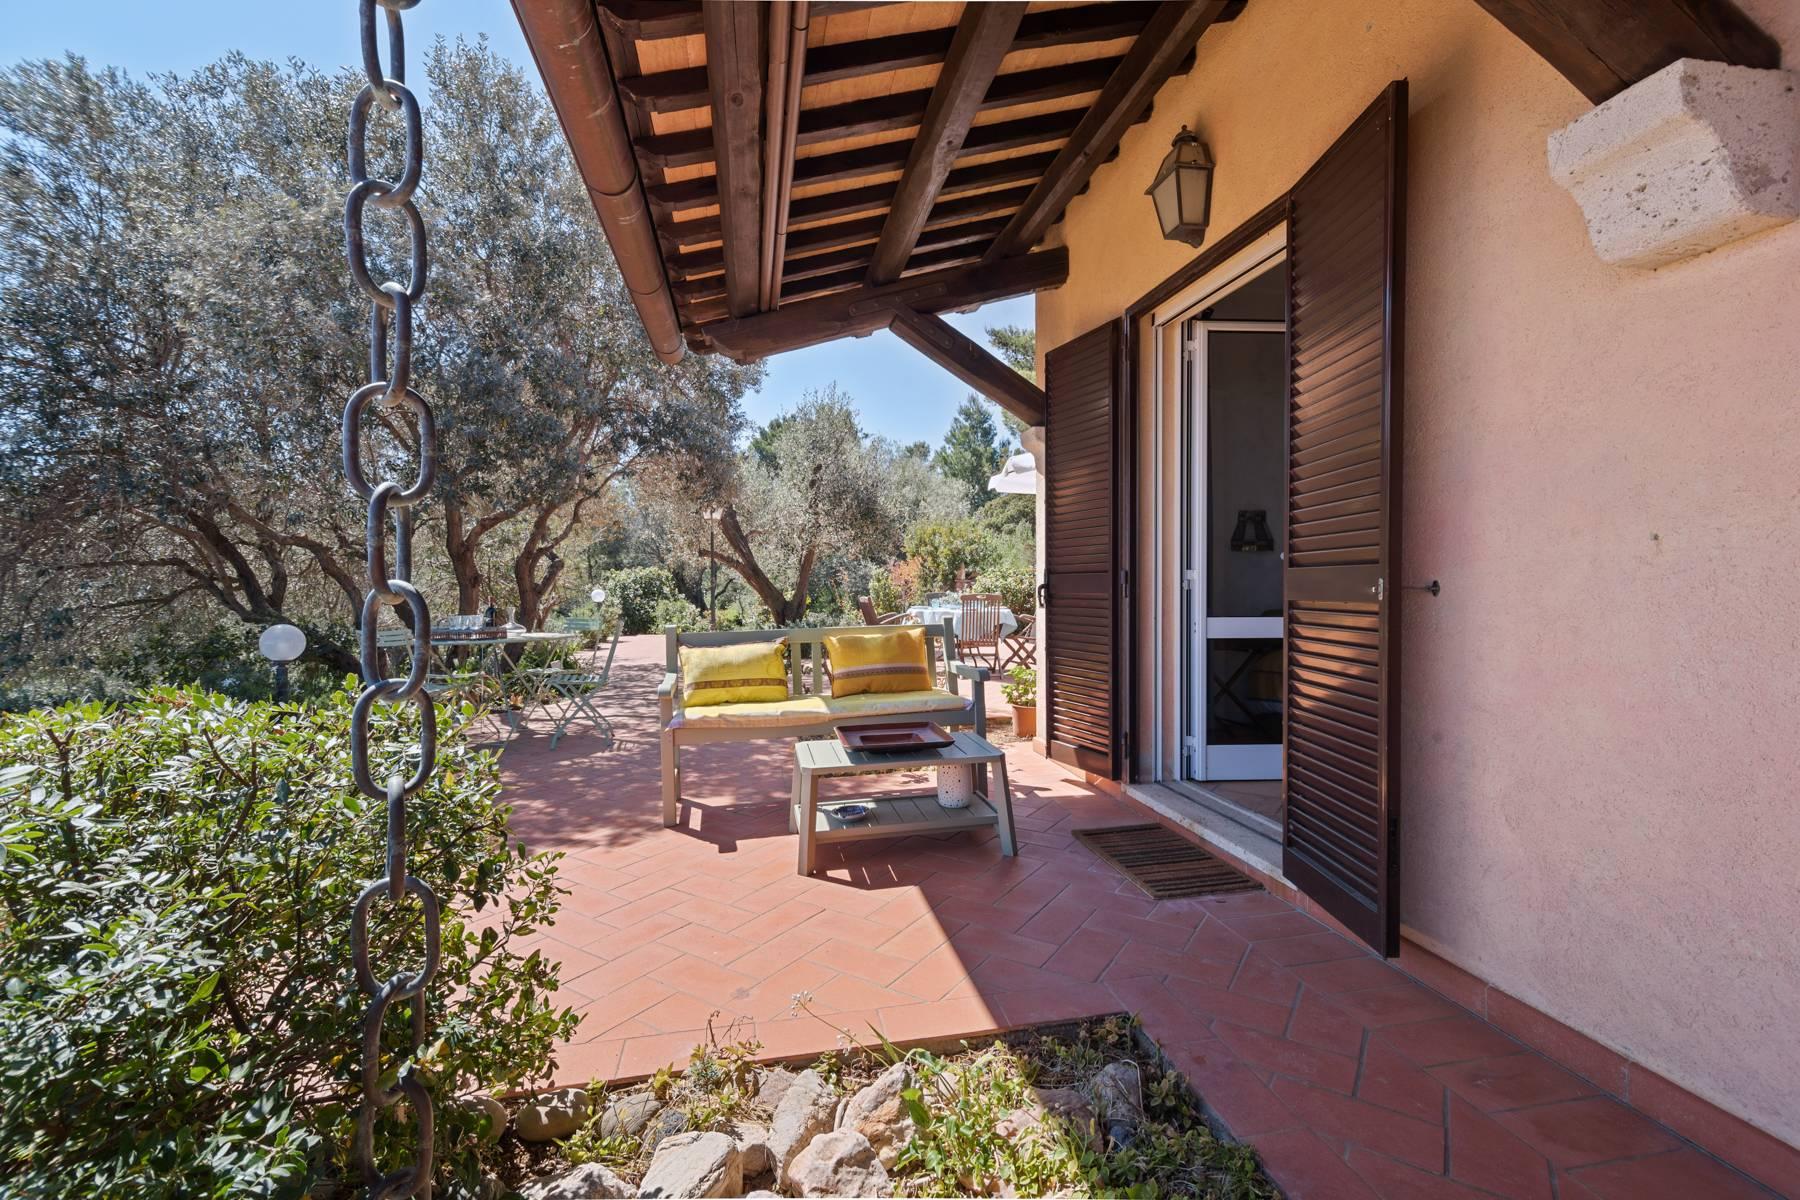 Villa in Vendita a Monte Argentario: 5 locali, 124 mq - Foto 19